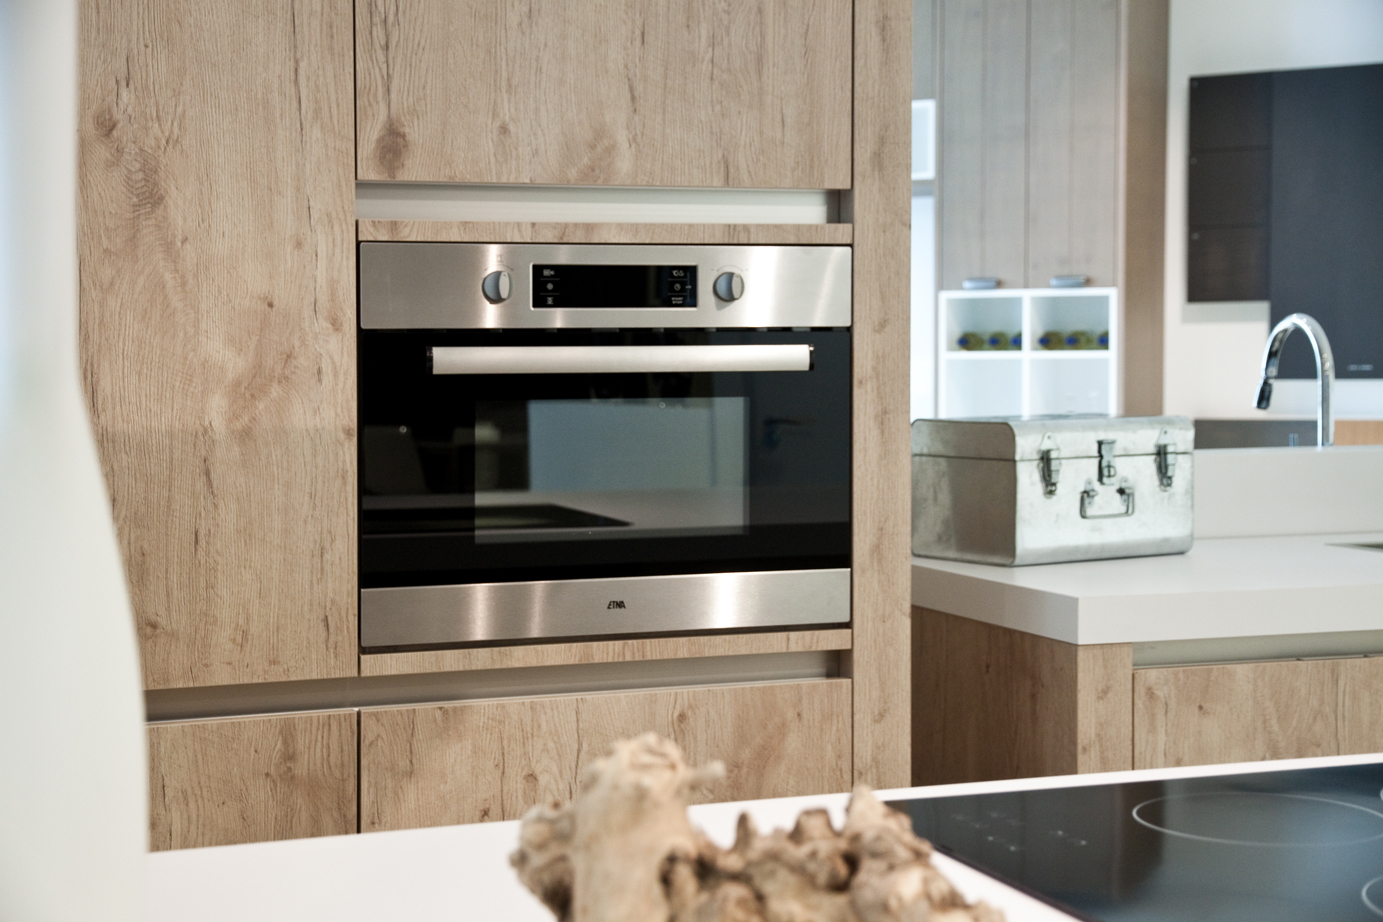 Keuken Met Gratis Montage : Keuken met kookeiland! Compleet met apparatuur. – DB Keukens